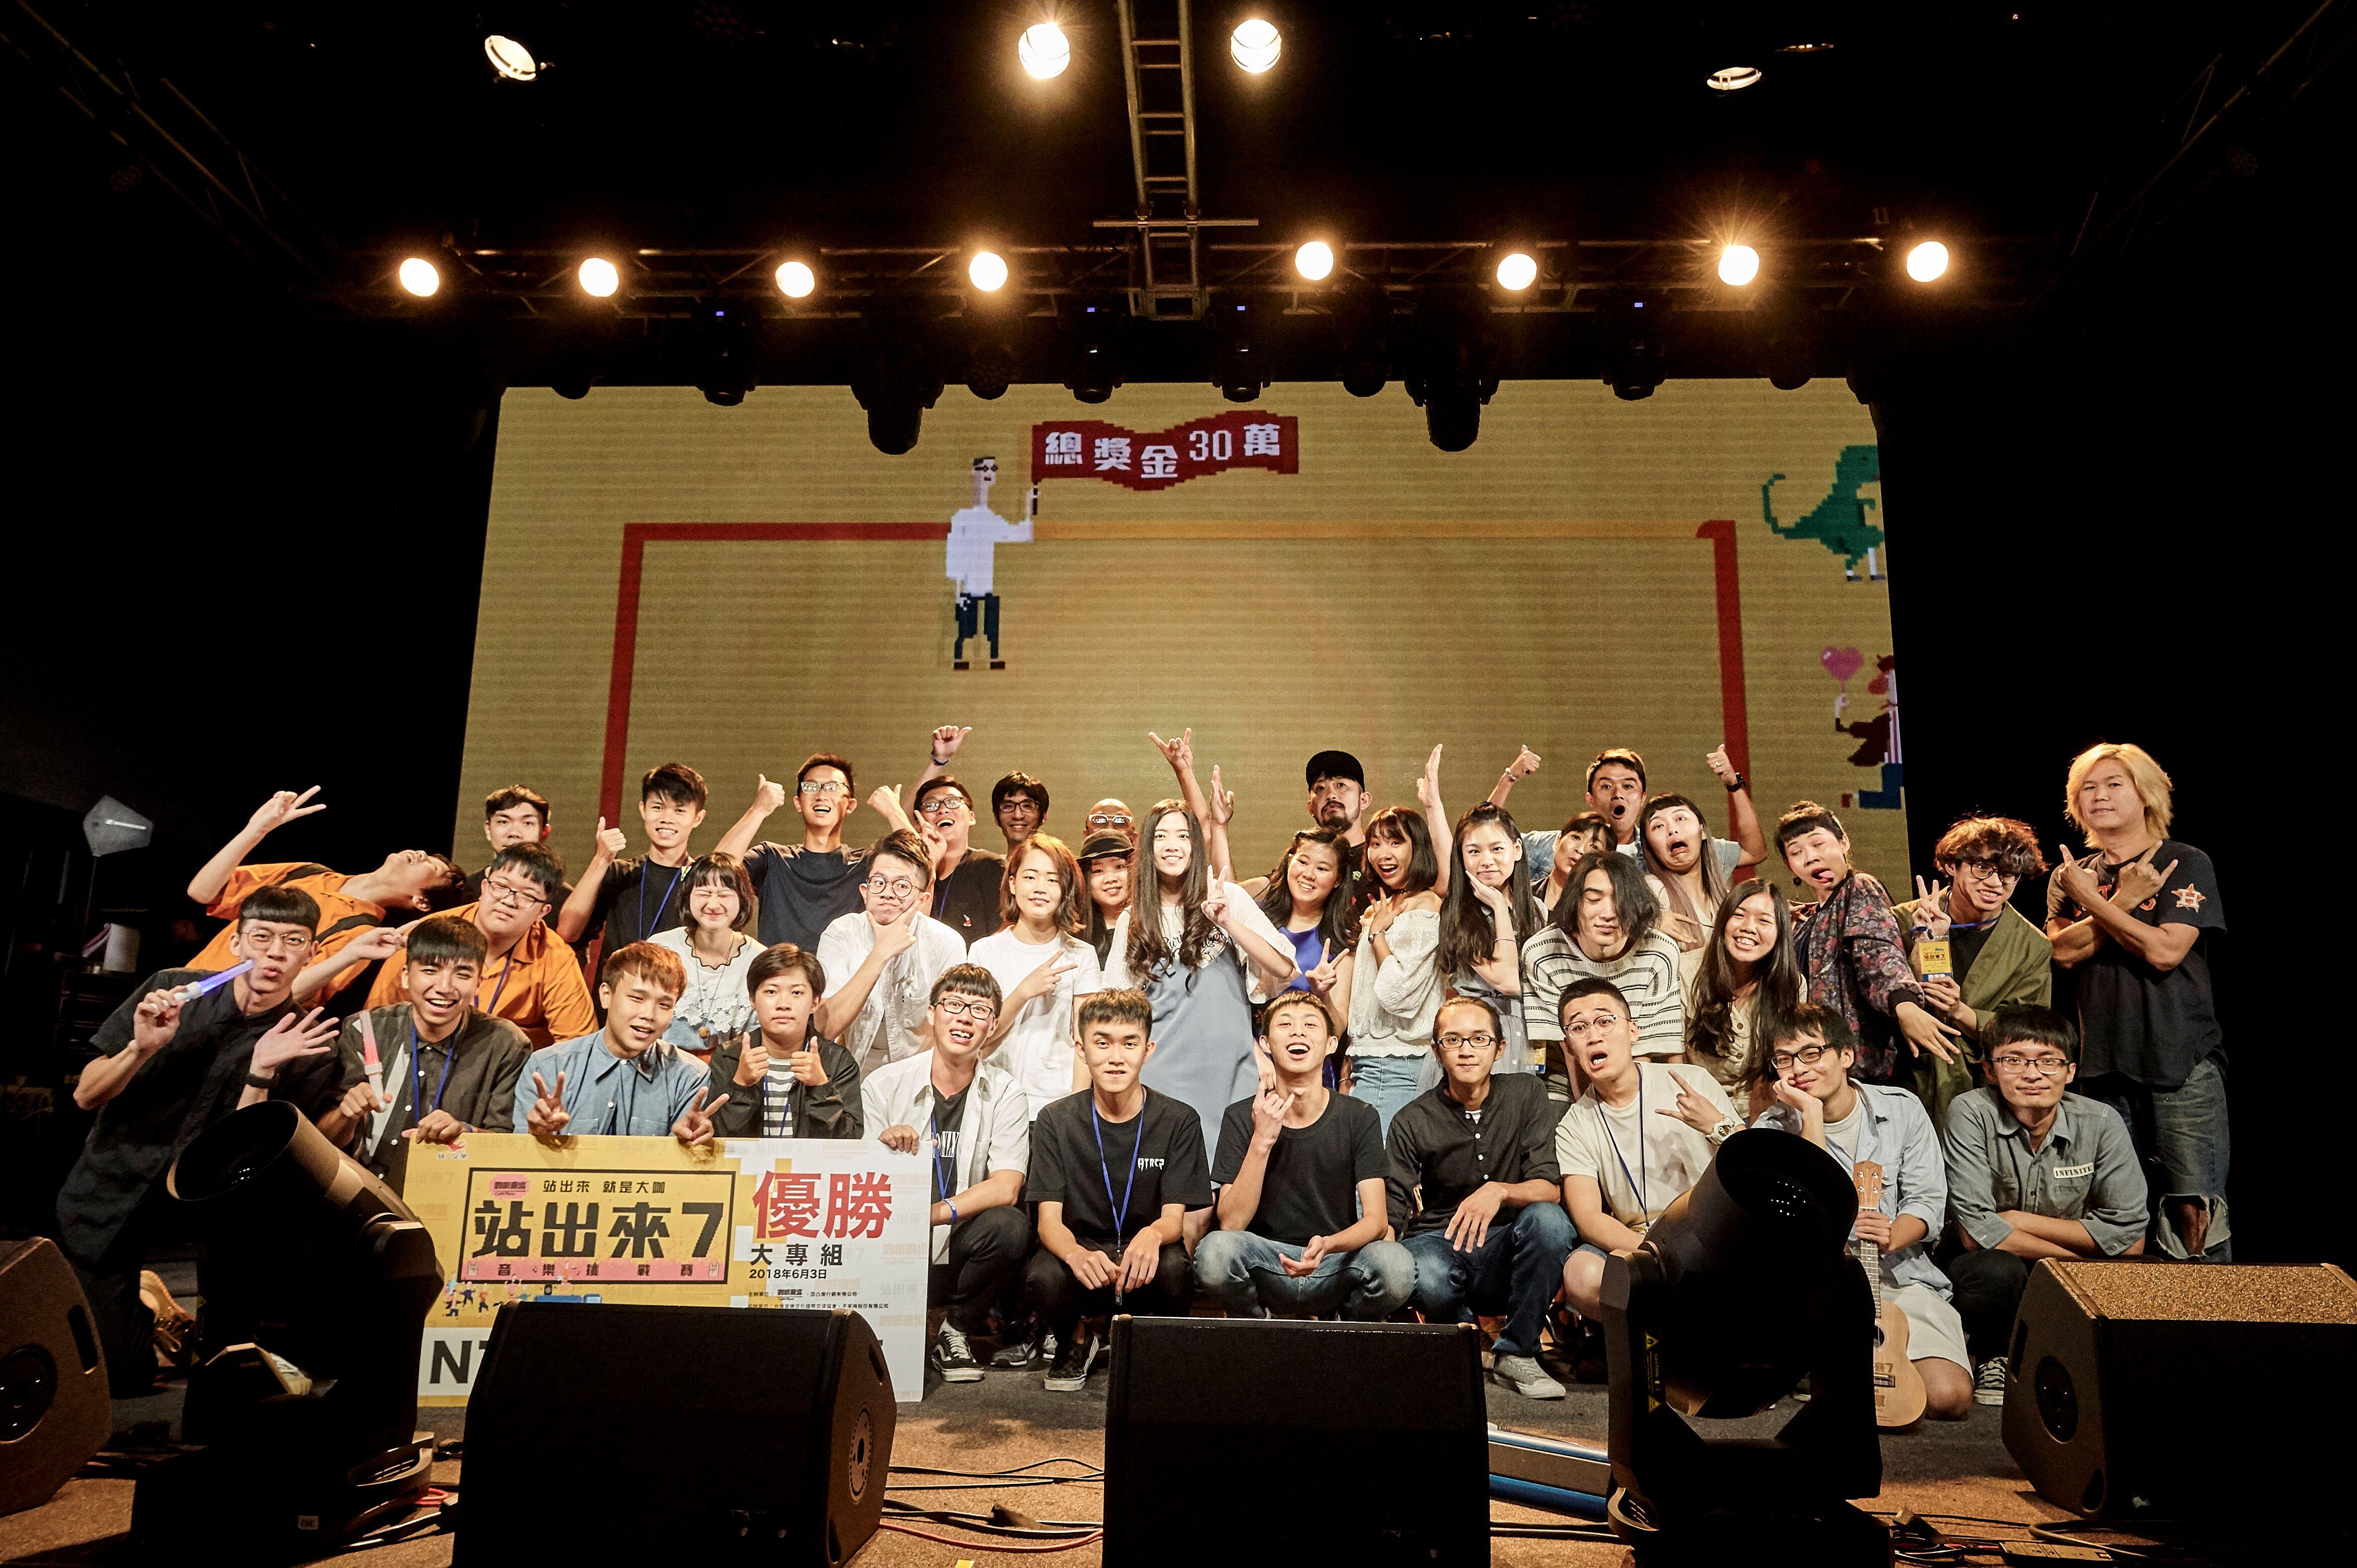 咖啡廣場自2012年起與台灣音協共同舉辦「站出來」樂團賽事,提供從國高中到大專學生年輕音樂人一個發光發熱的最佳舞台!